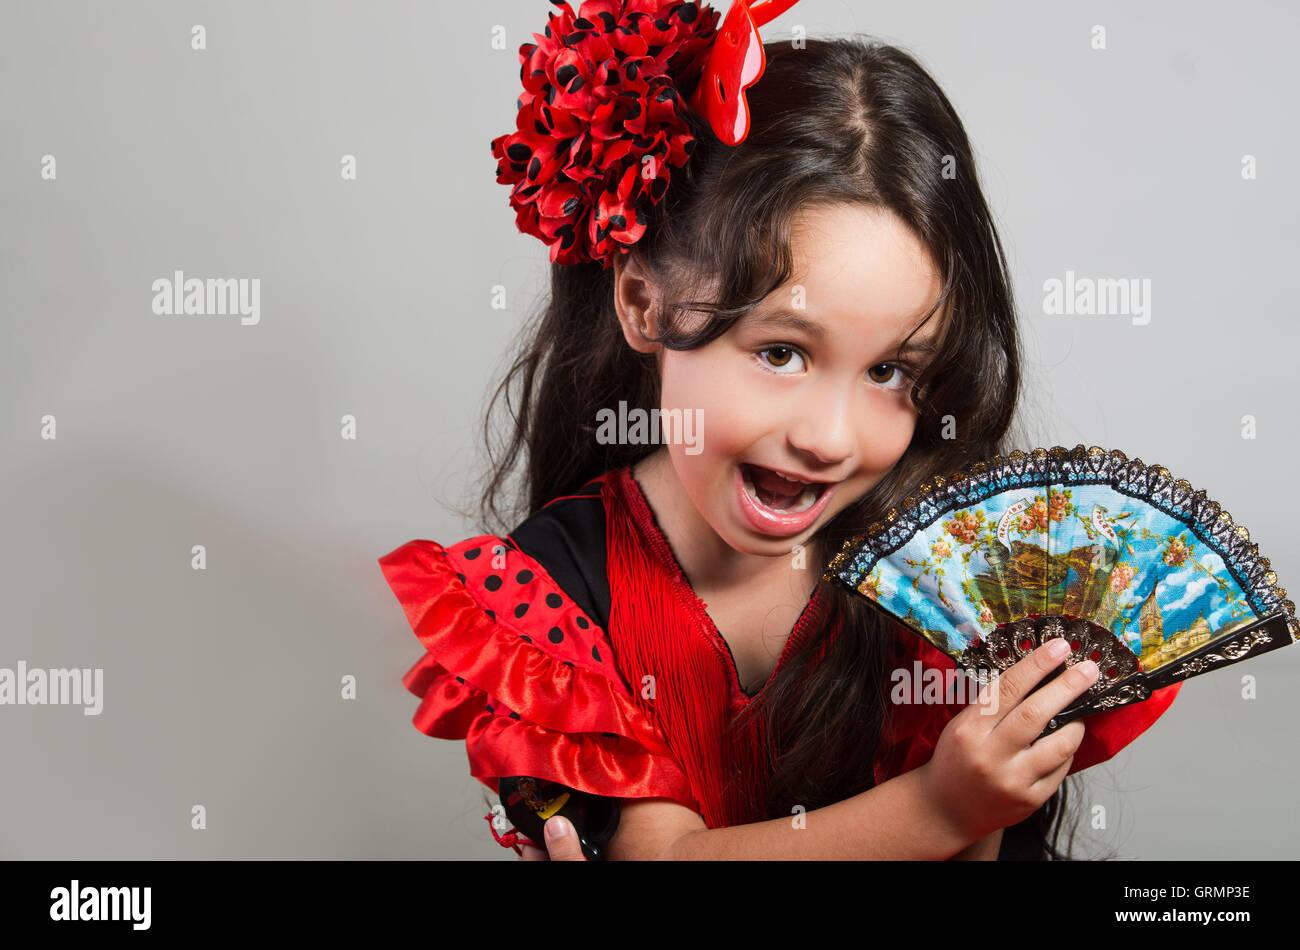 Niedliche kleine mädchen schöne rote und schwarze kleid mit